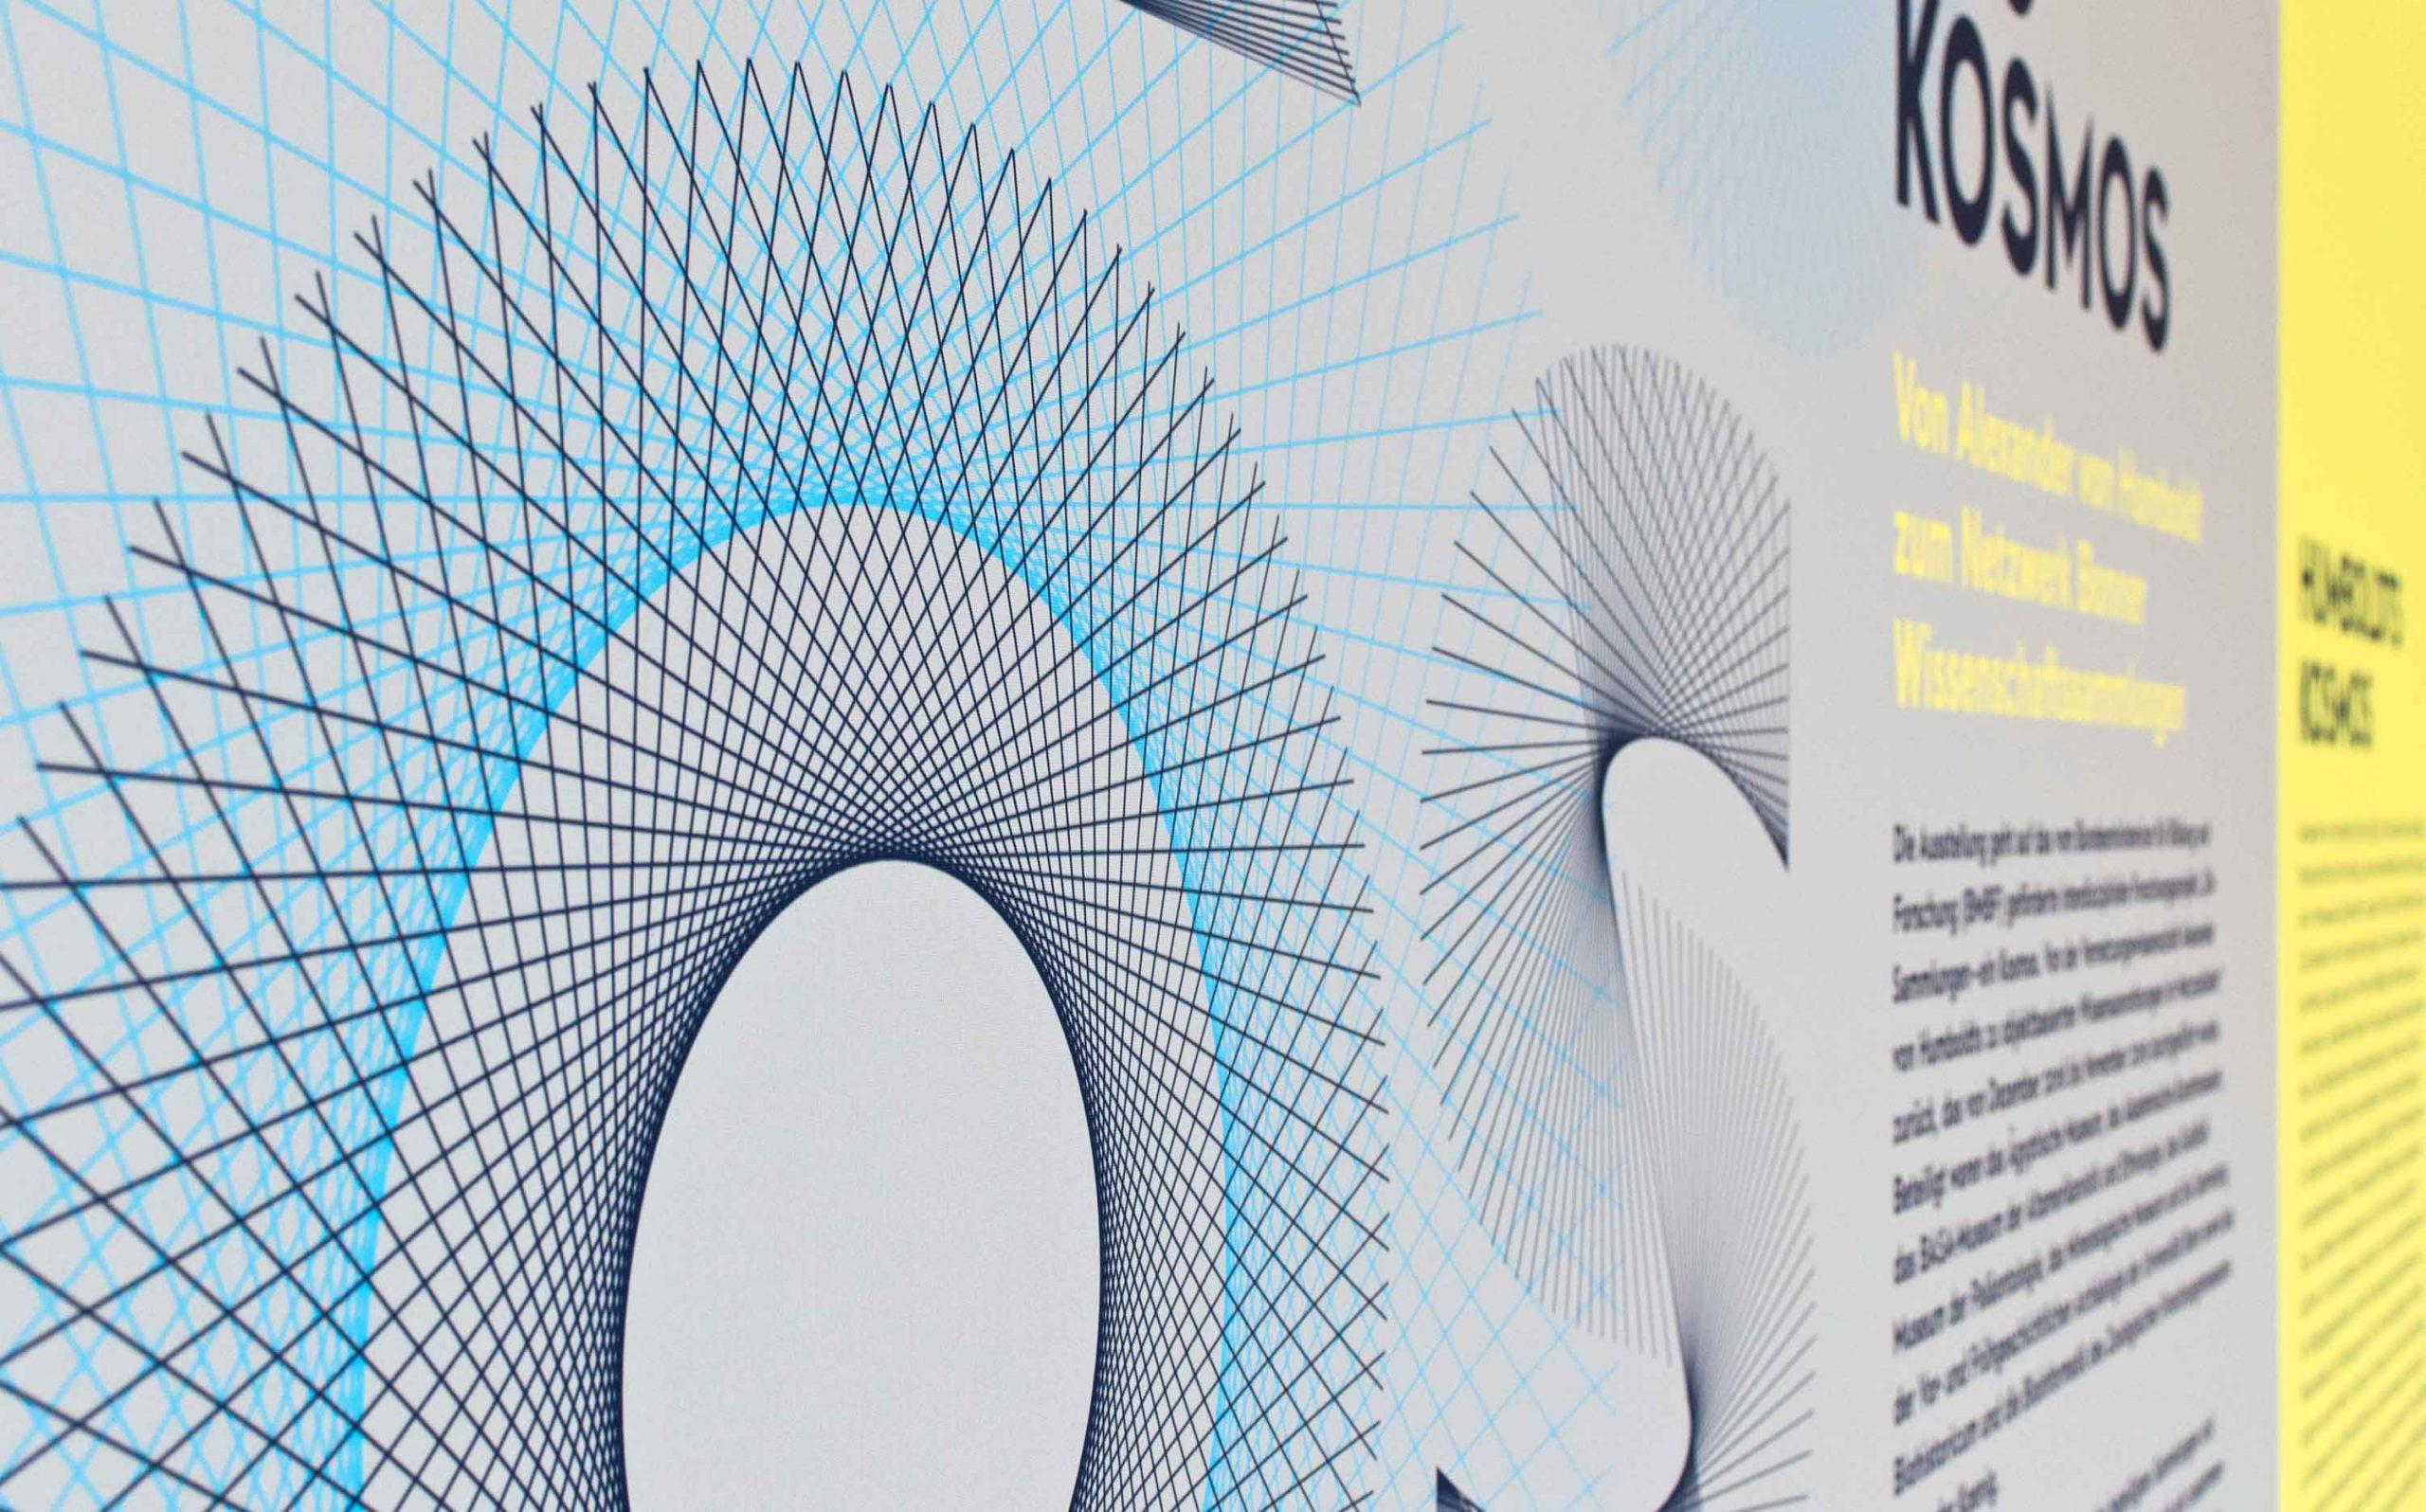 Ausstellungsgestaltung der Sonderausstellung »Objektwelten als Kosmos« im Museum Koenig Bonn | Key Visual in Nahaufnahme | Keywords: Ausstellungsgestaltung, Exhibition Design, Spatial Design, Banner, Typografie, Contemporary Design